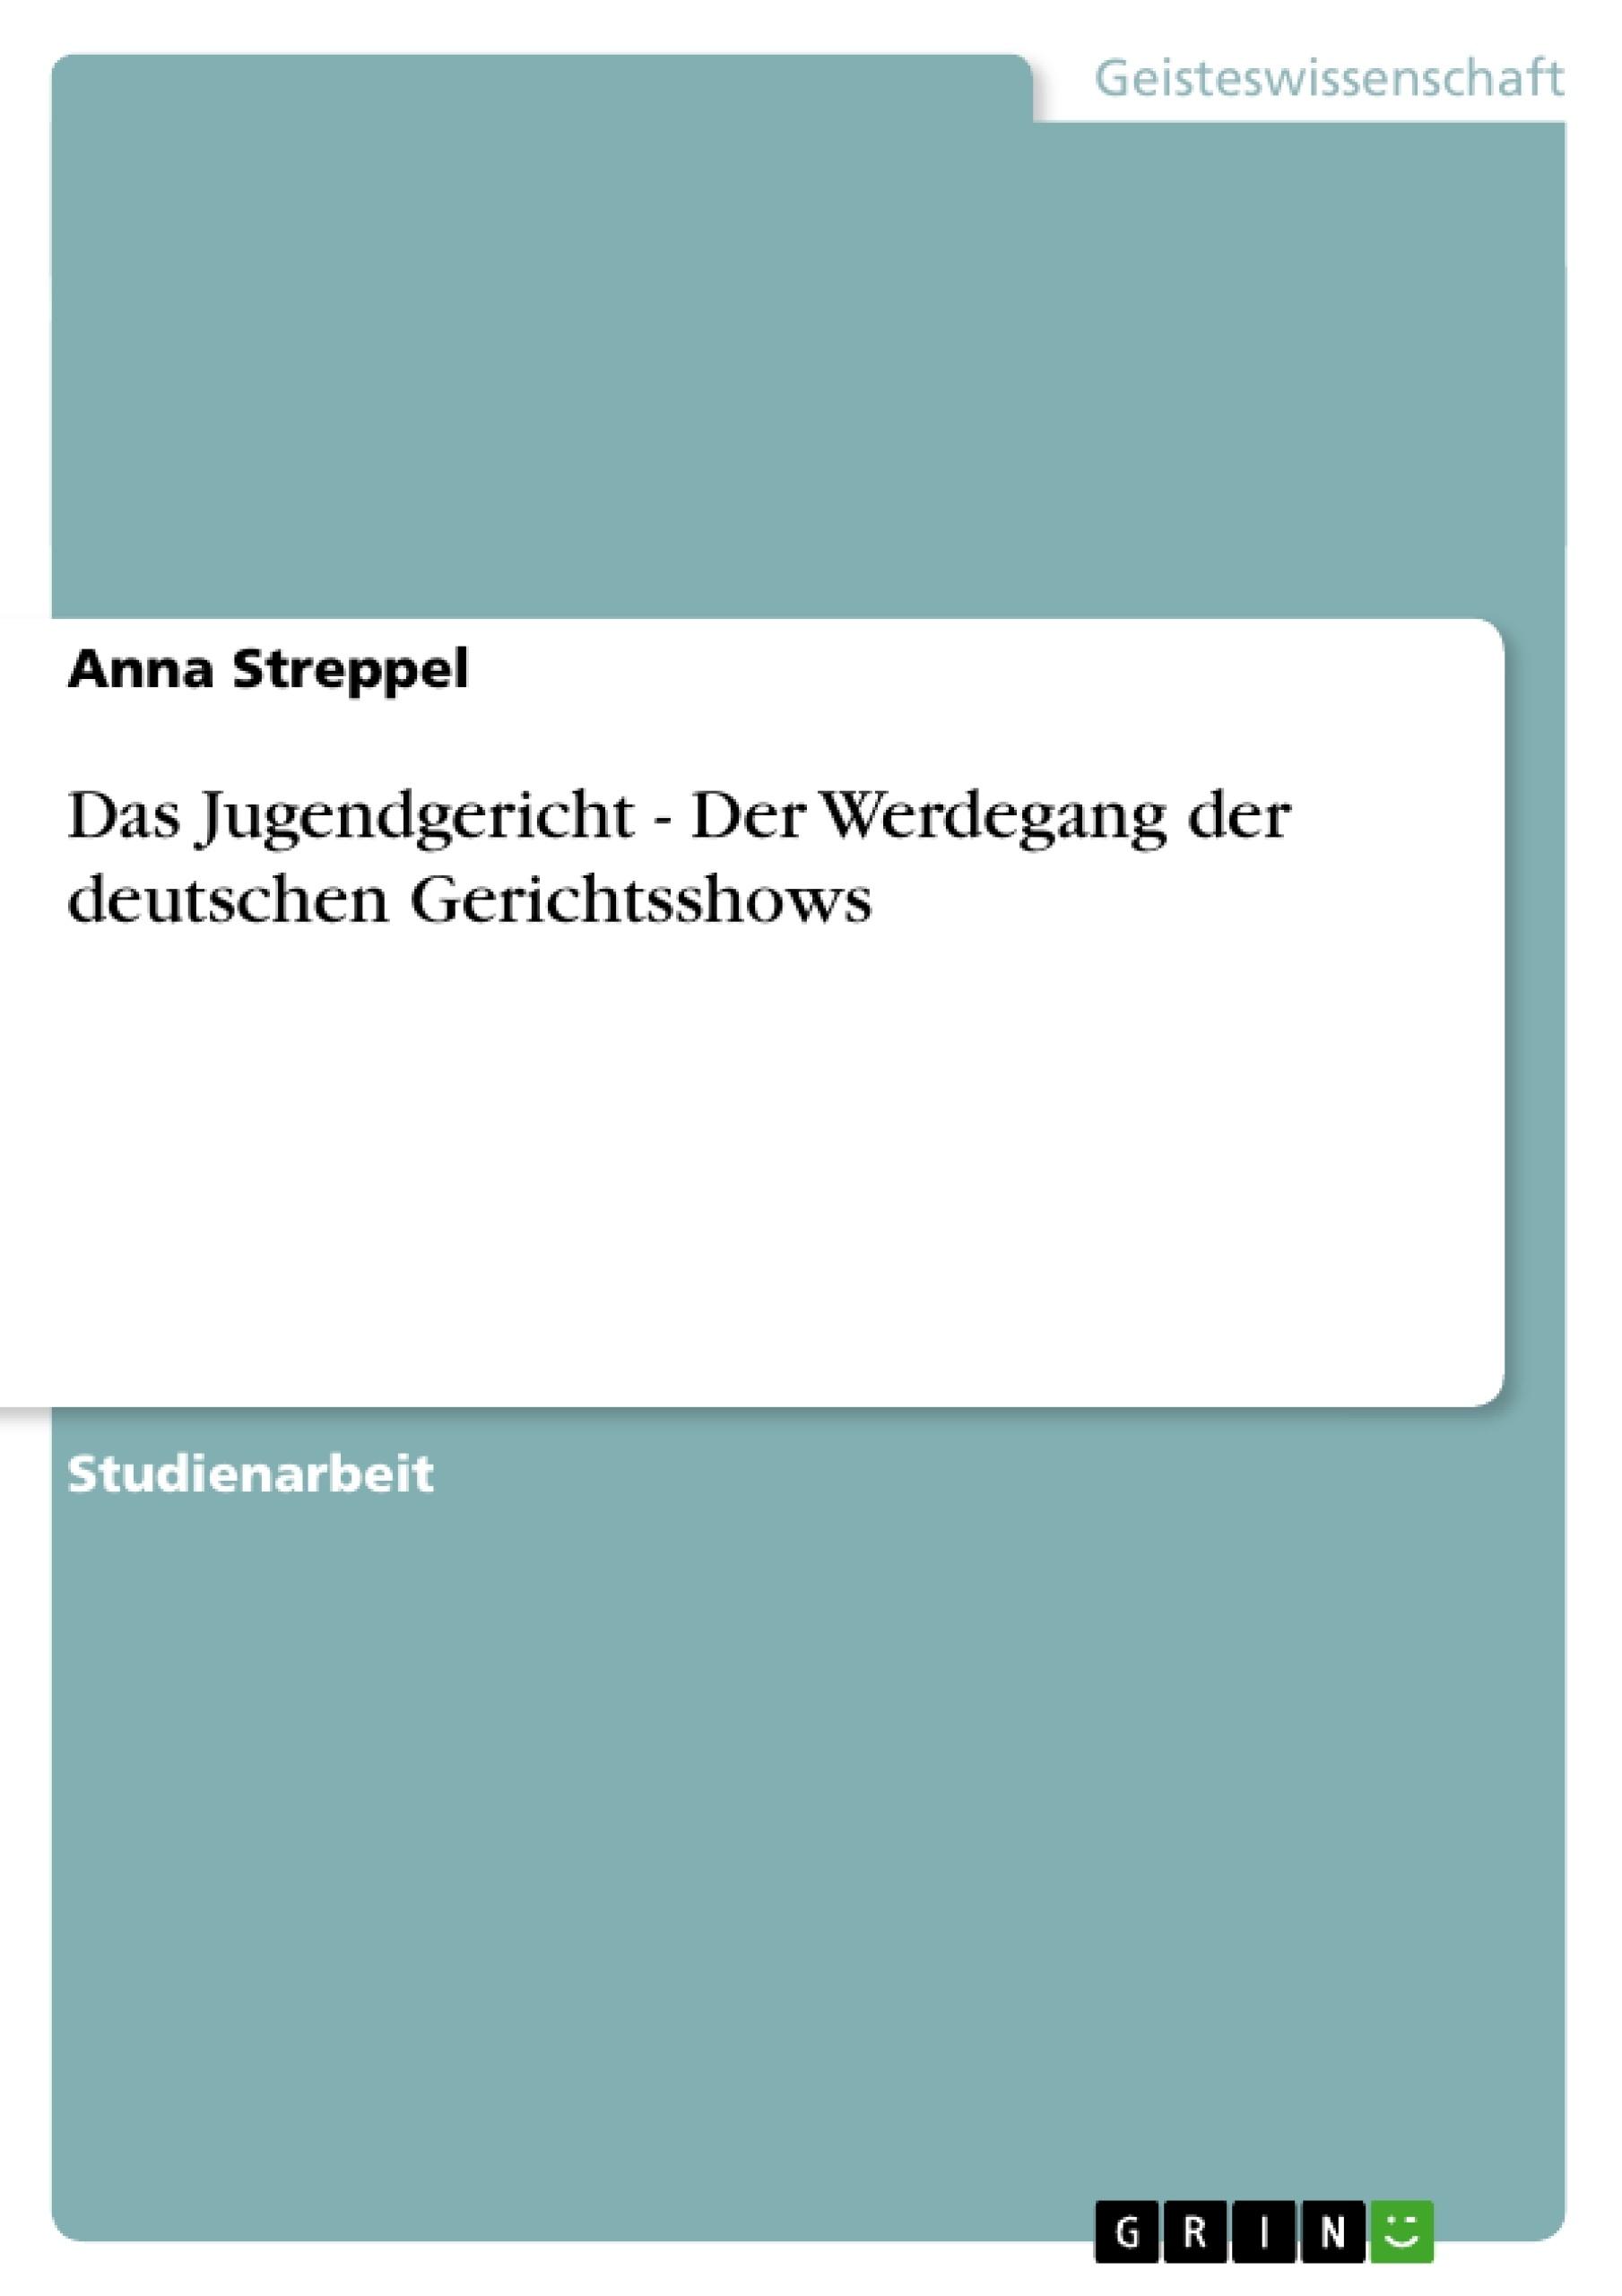 Titel: Das Jugendgericht - Der Werdegang der deutschen Gerichtsshows